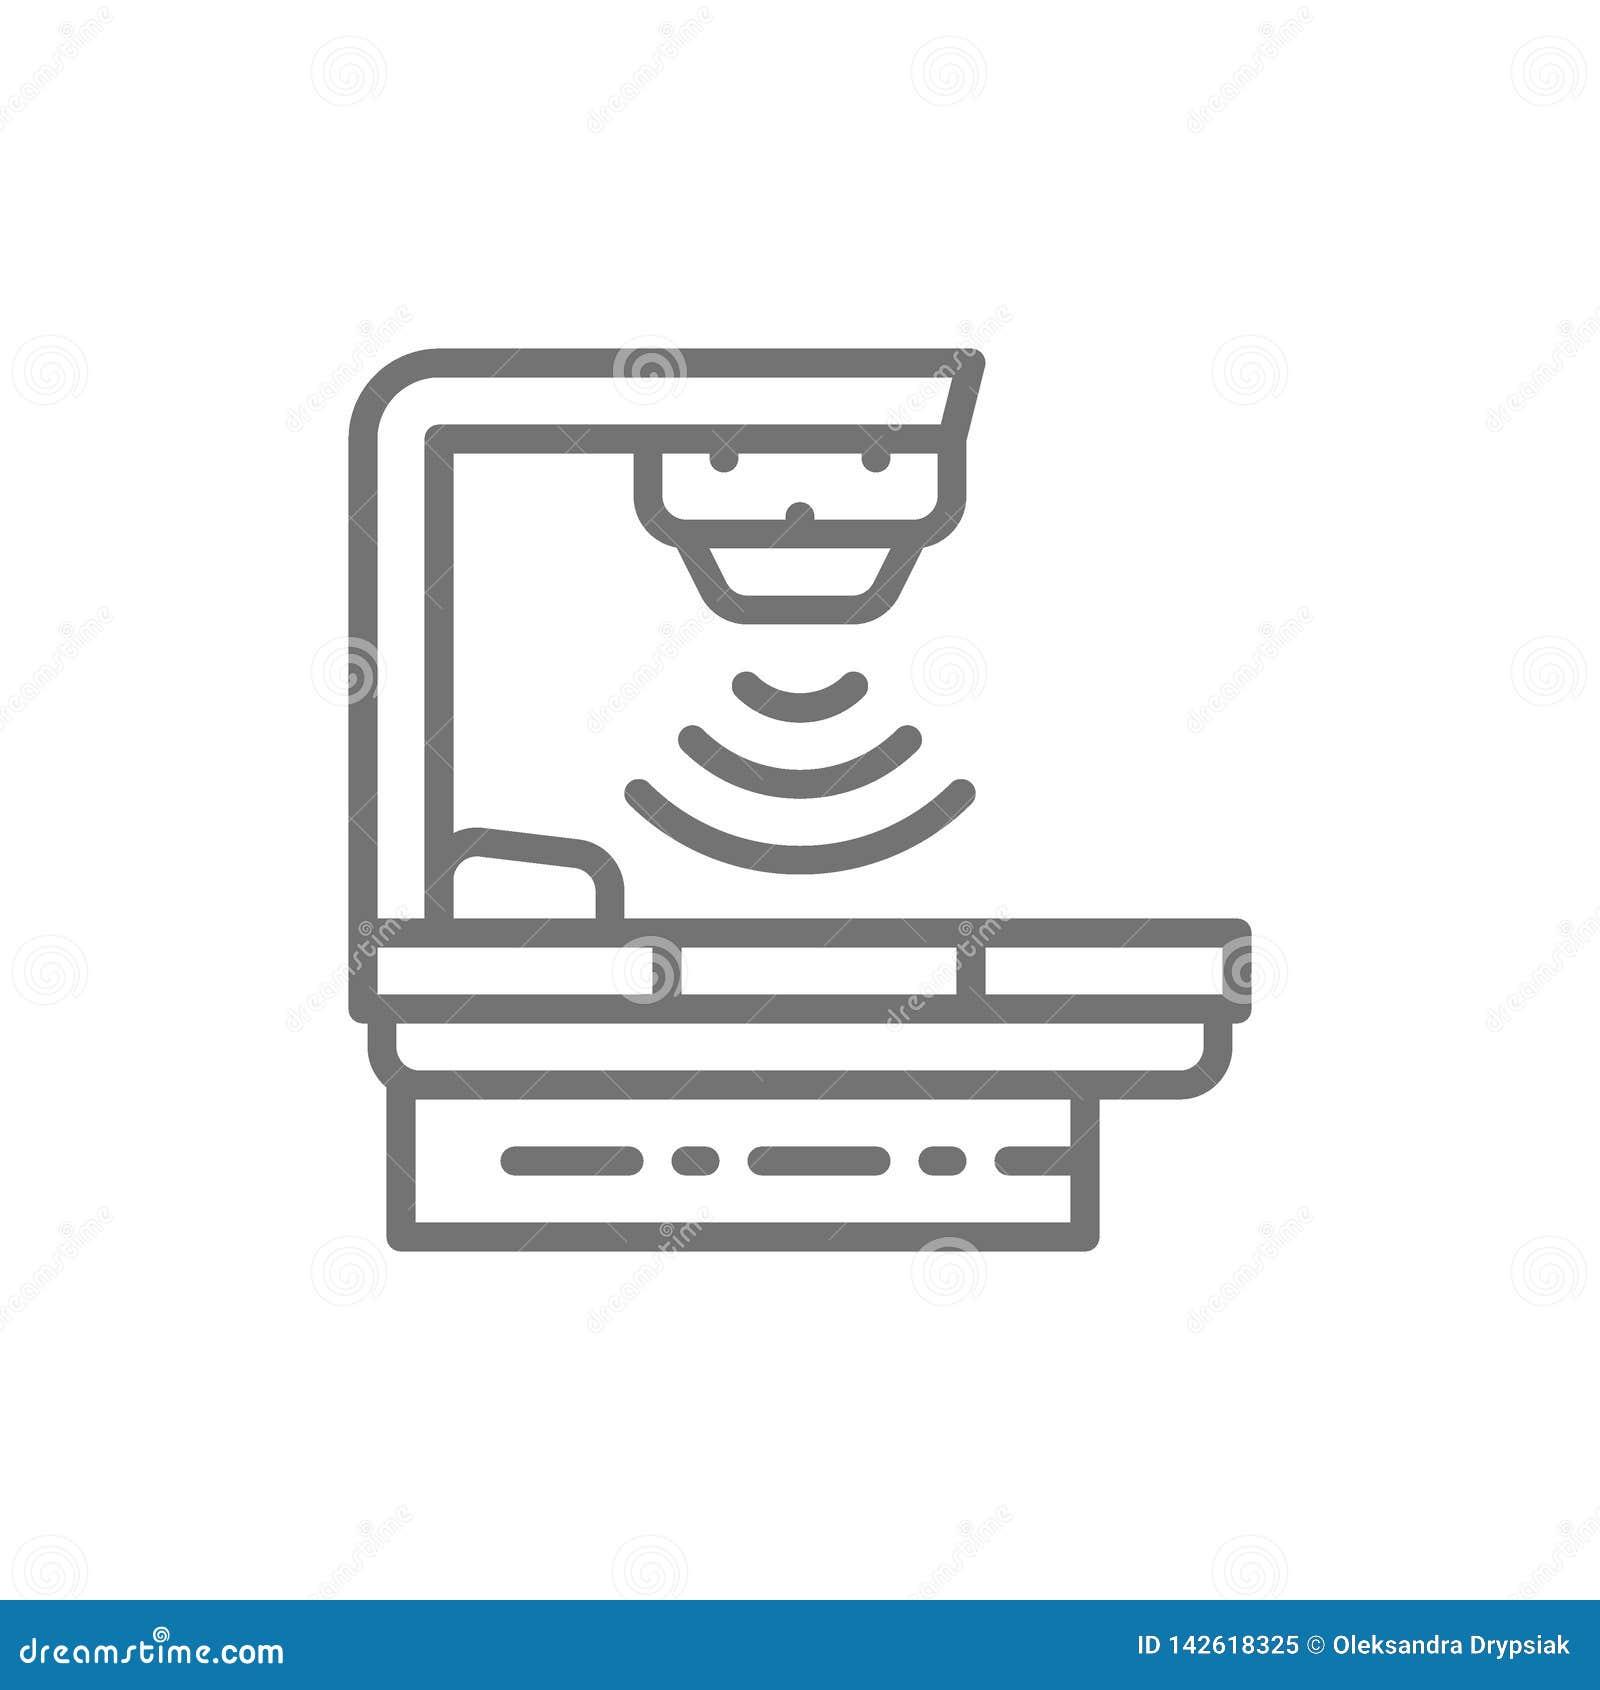 Apparat för cancerbehandling, utstrålningsterapi, medicinsk utrustning, radioterapilinje symbol